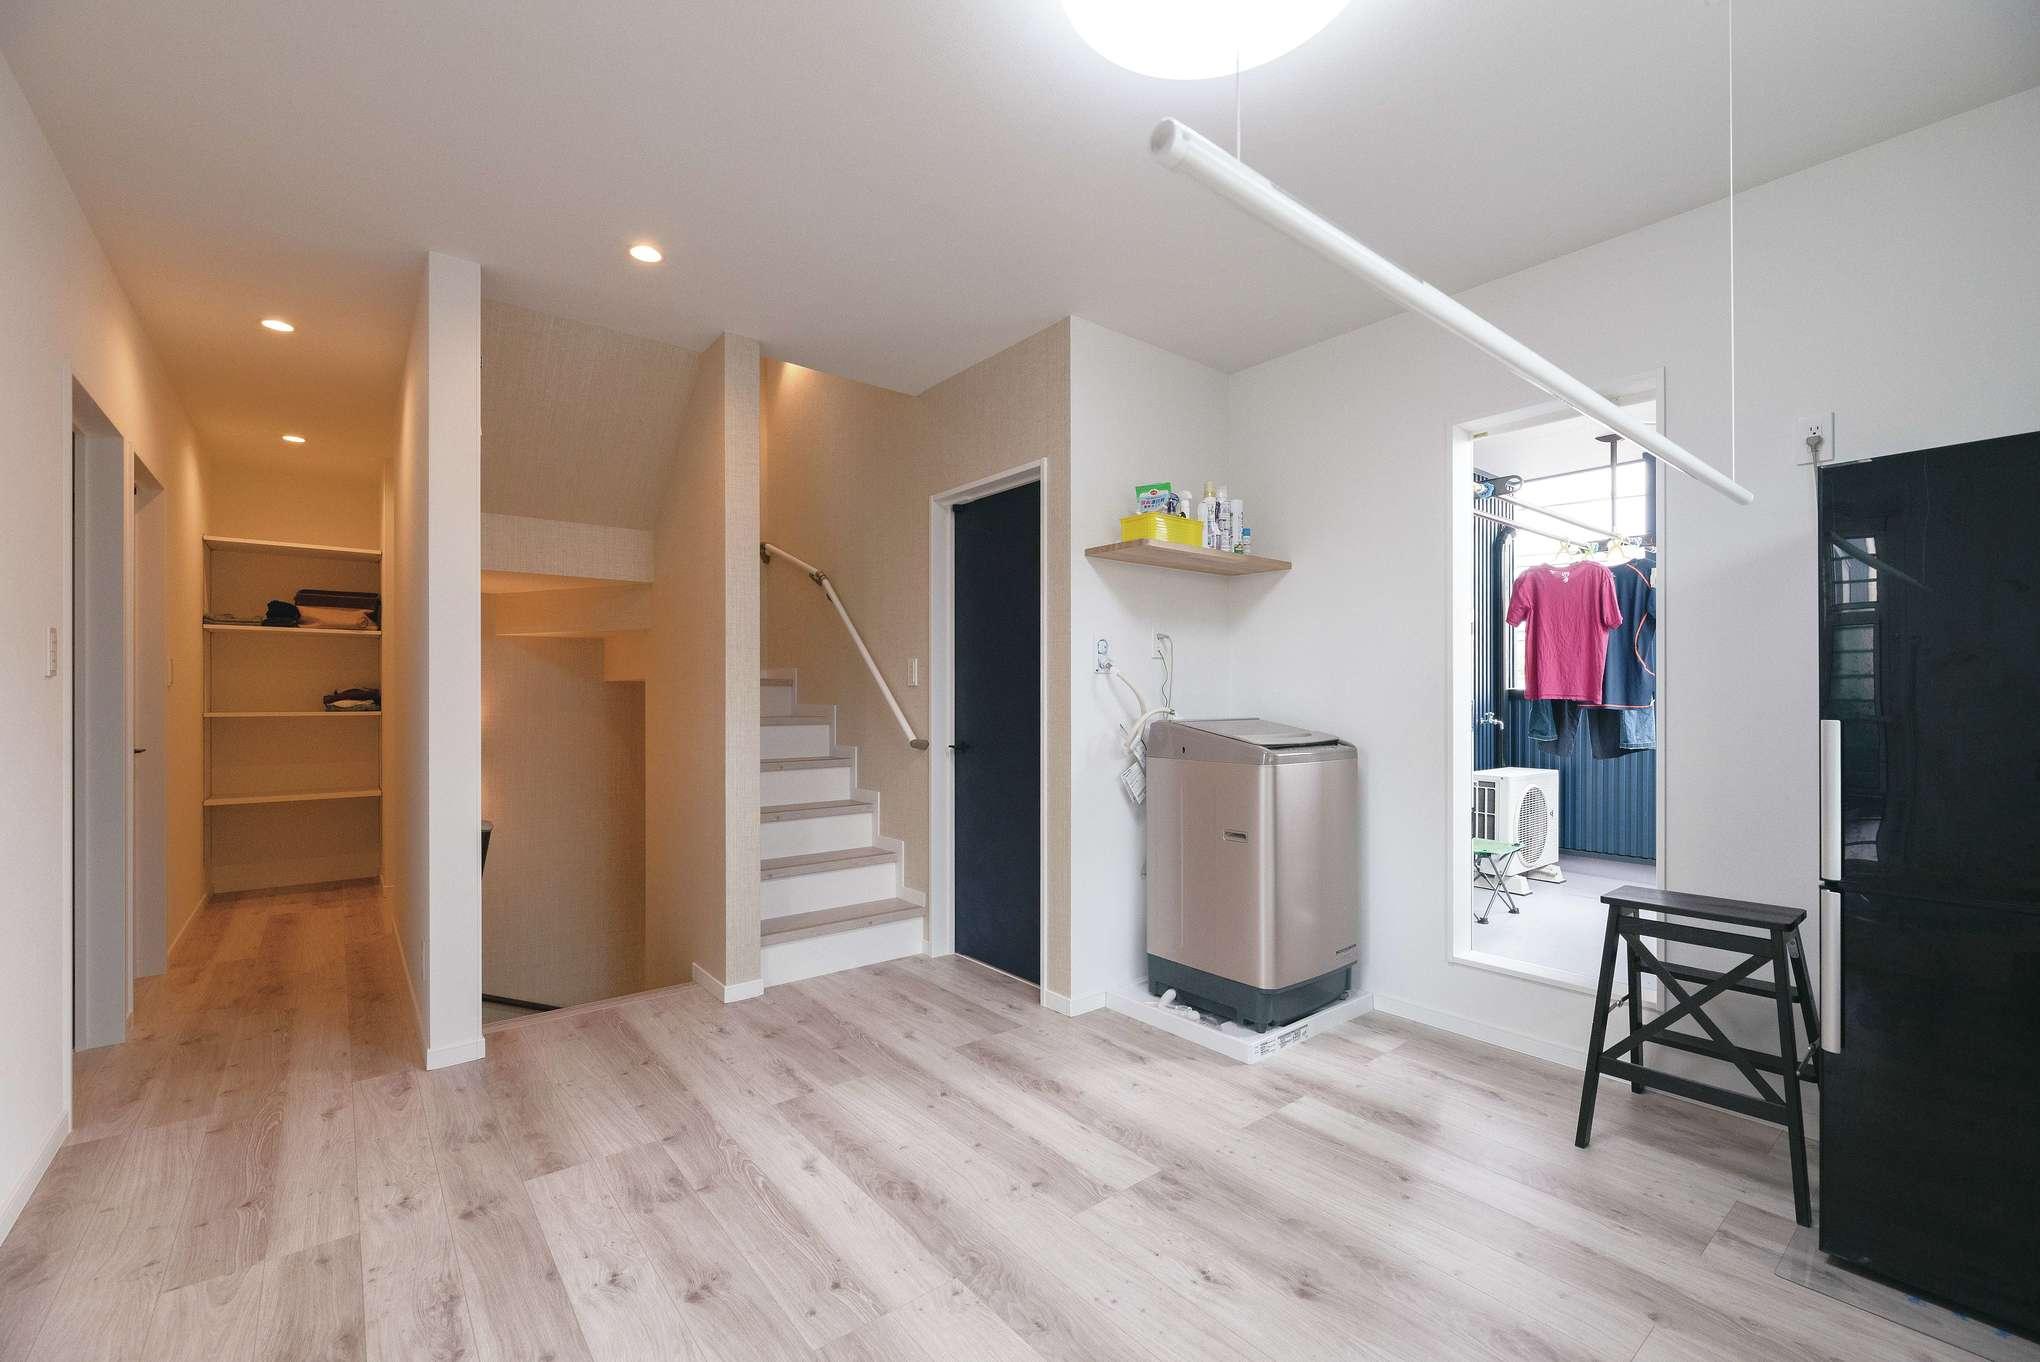 広々とした2階ホールには、洗濯機のほかに冷蔵庫も。奥の階段は屋根裏収納へと続く